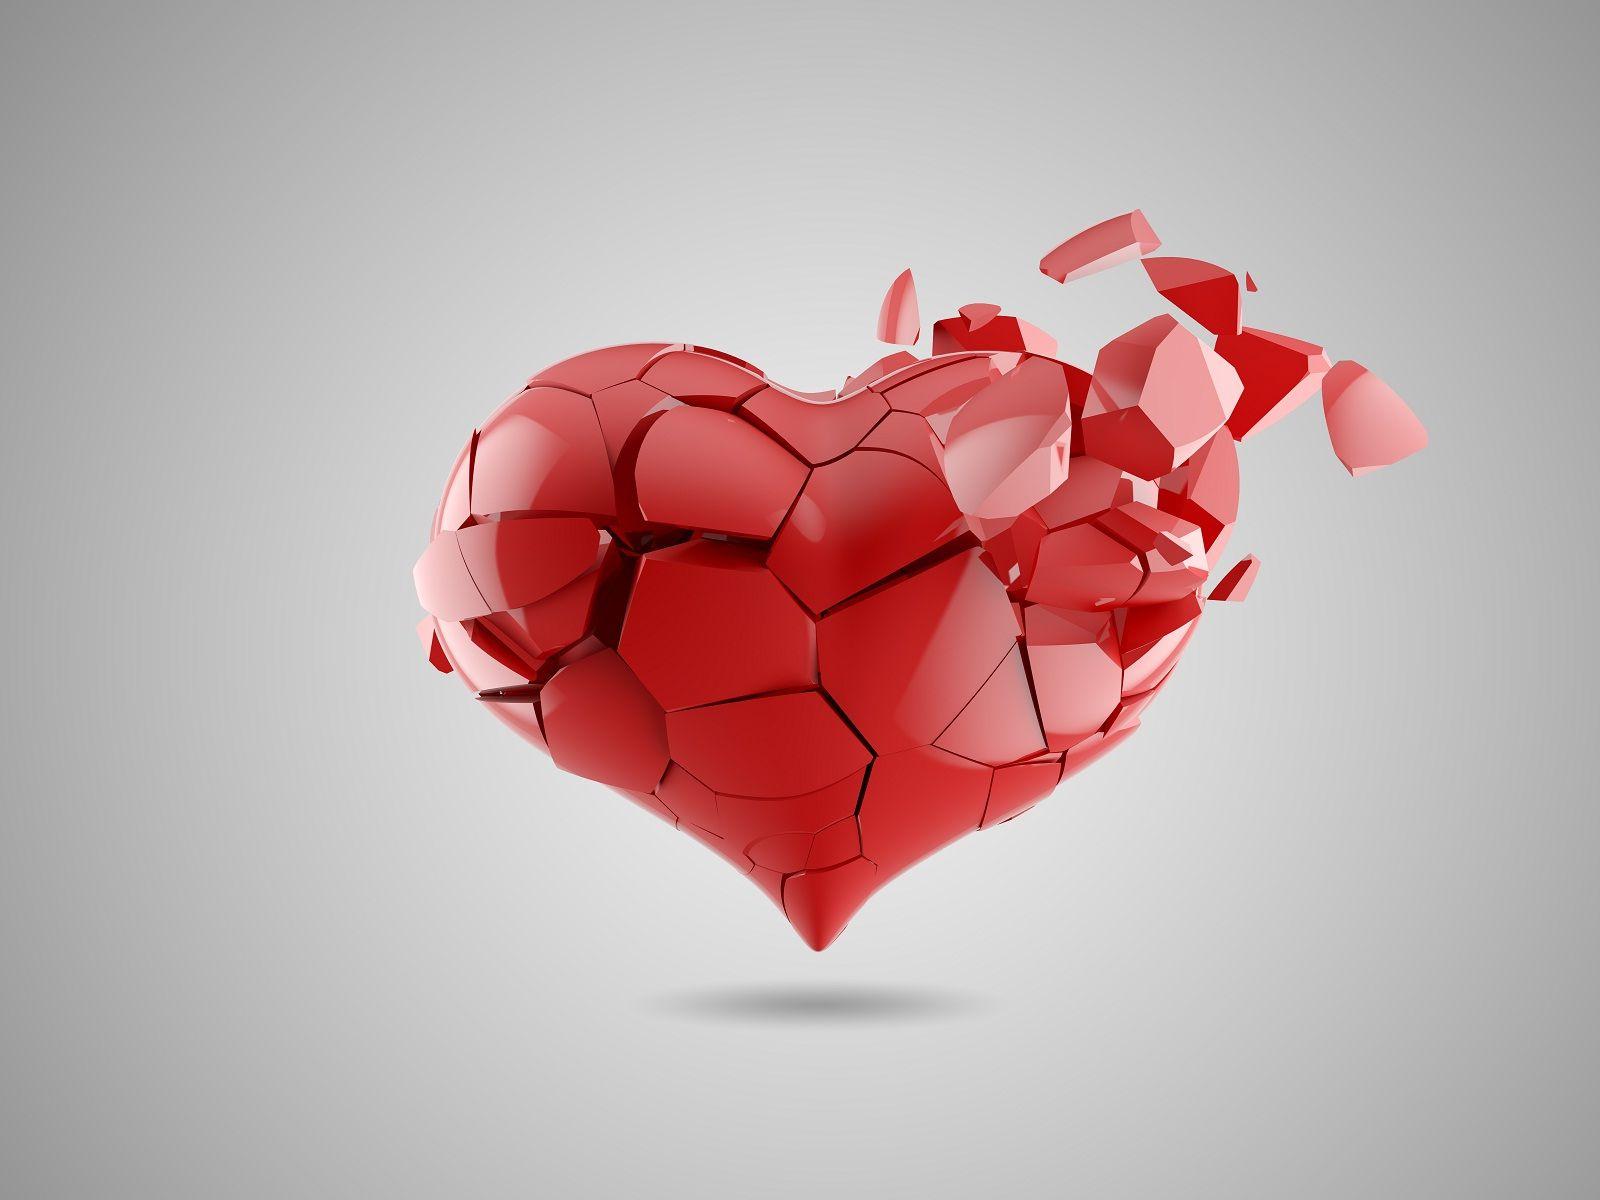 Hình ảnh trái tim đẹp